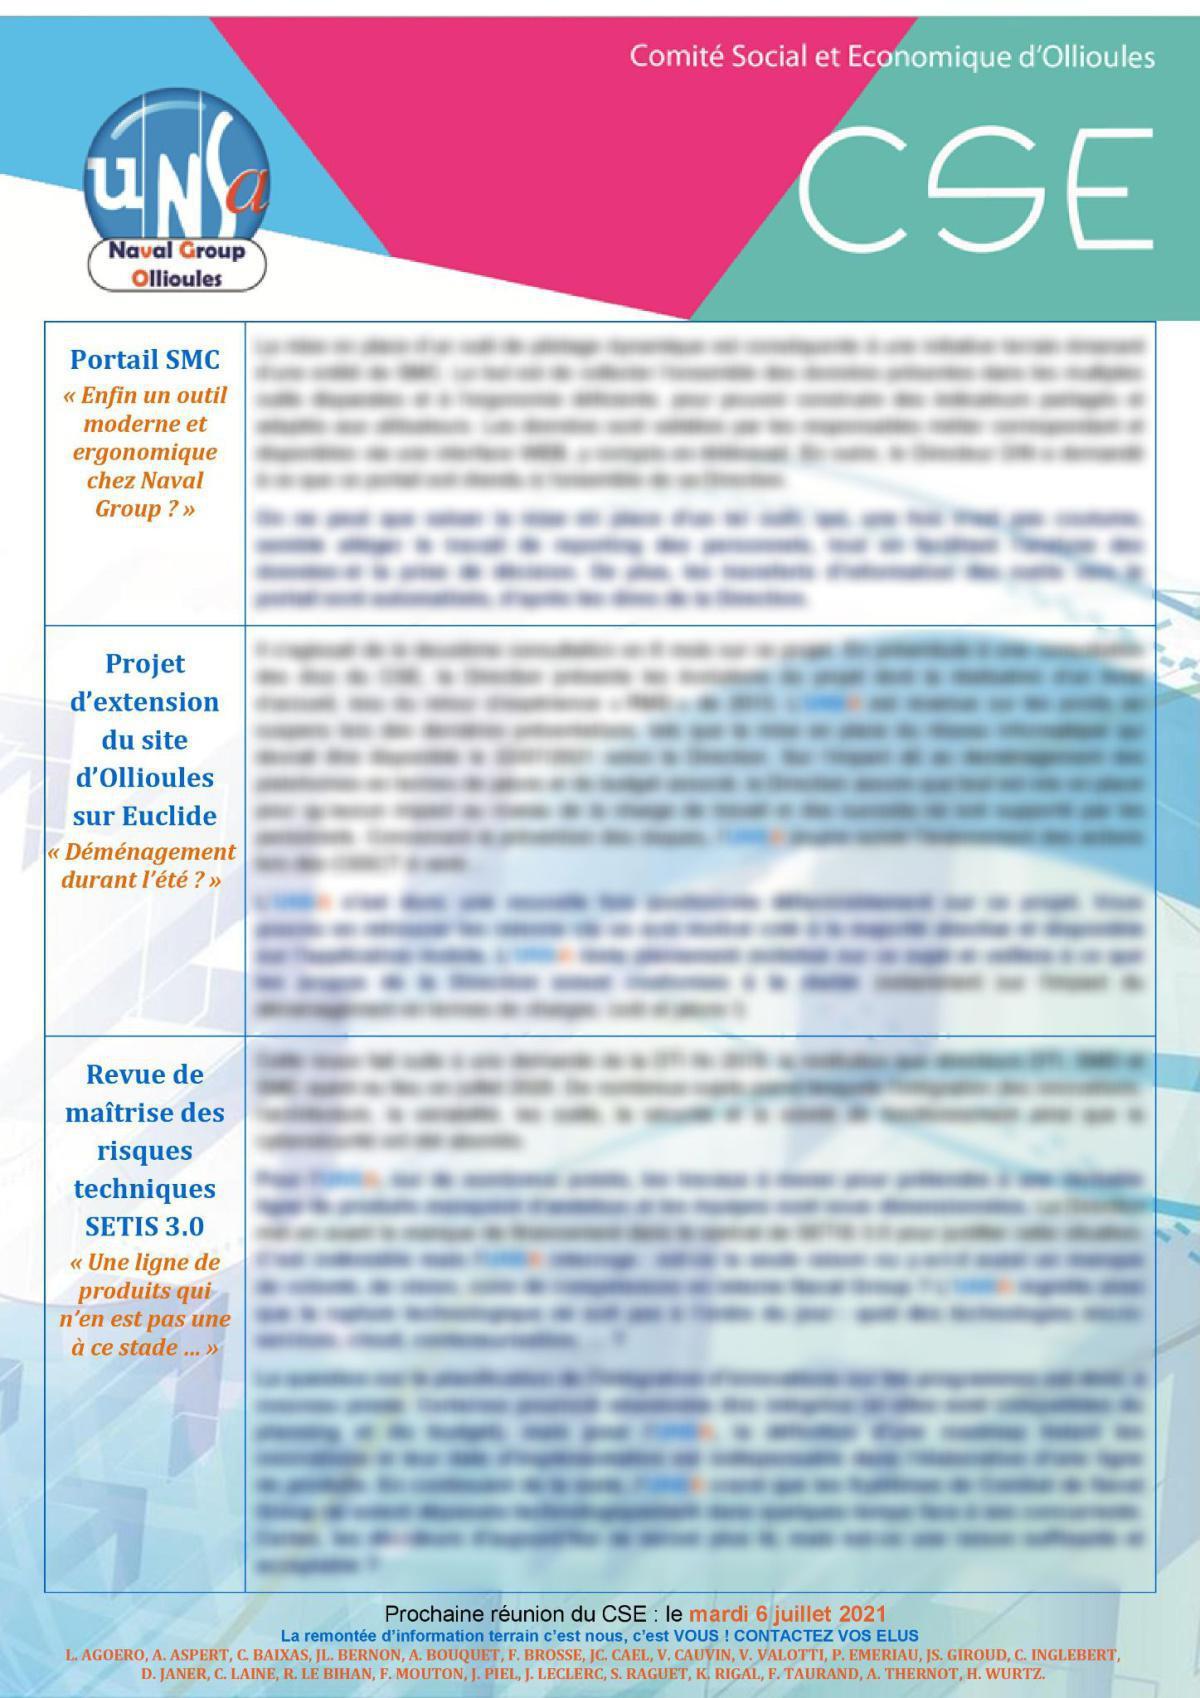 CSE d'Ollioules - réunions des 4 et 8 juin 2021